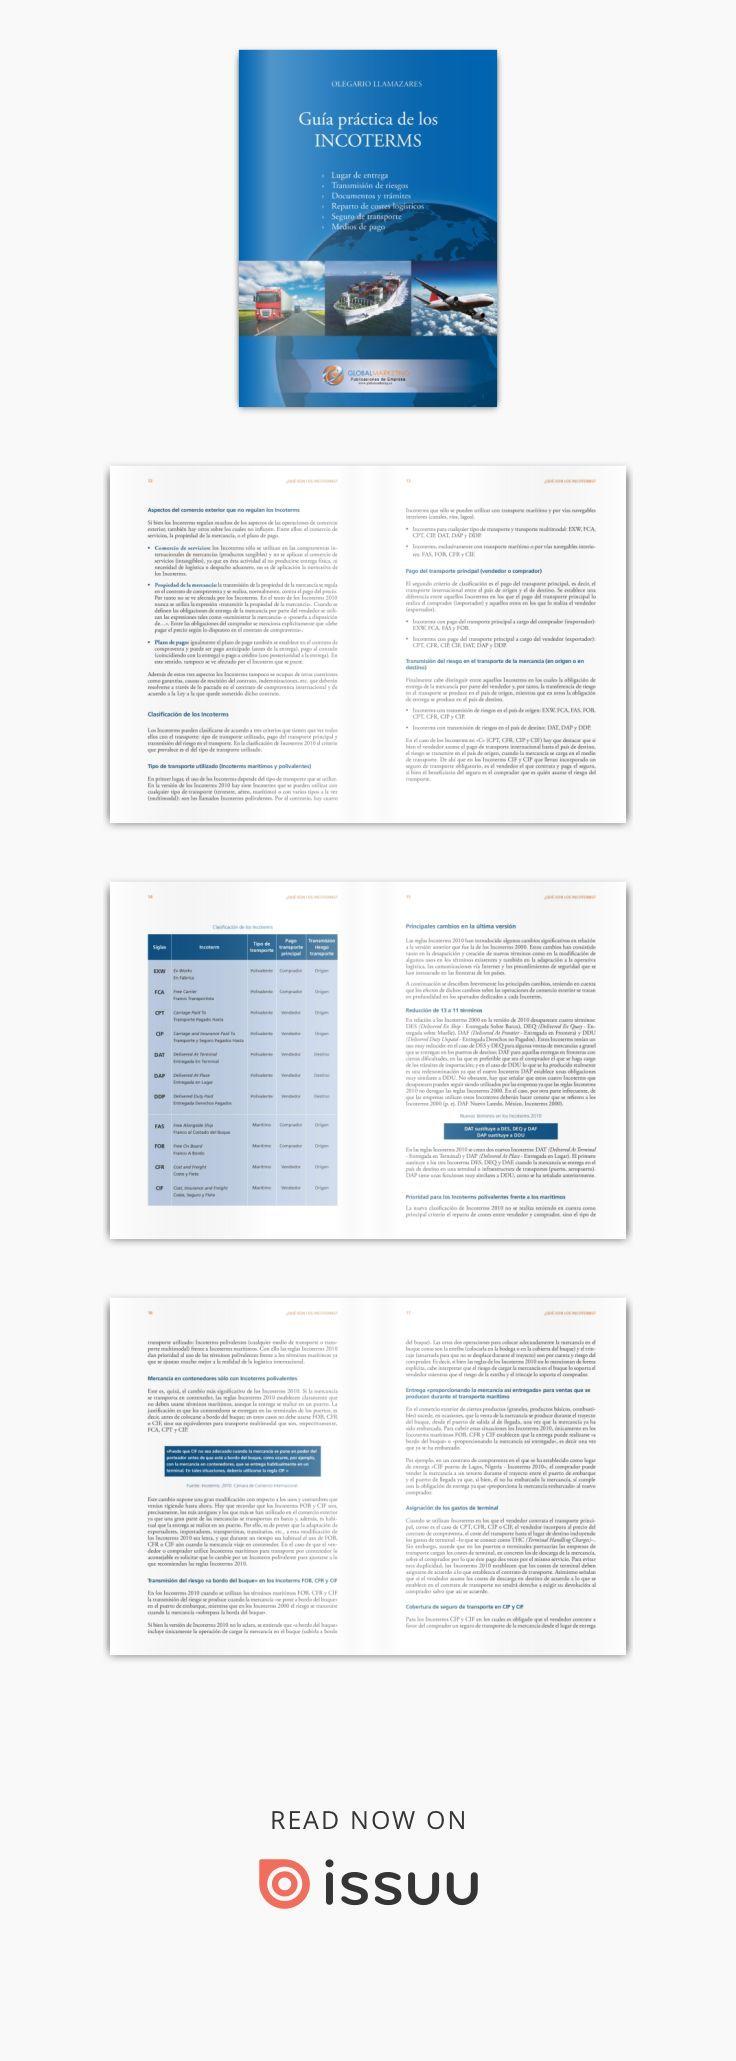 Guía práctica de los Incoterms 2010 - Global Marketing Para más información: http://www.globalnegotiator.com/tienda/guia-practica-de-los-incoterms-2010.html. Los Incoterms son unas reglas creadas por la Cámara de Comercio Internacional cuya finalidad es delimitar con precisión las obligaciones de vendedores (exportadores) y compradores (importadores) en una compraventa internacional. El objetivo de este eBook es proporcionar a los profesionales y empresas relacionados con el comercio…